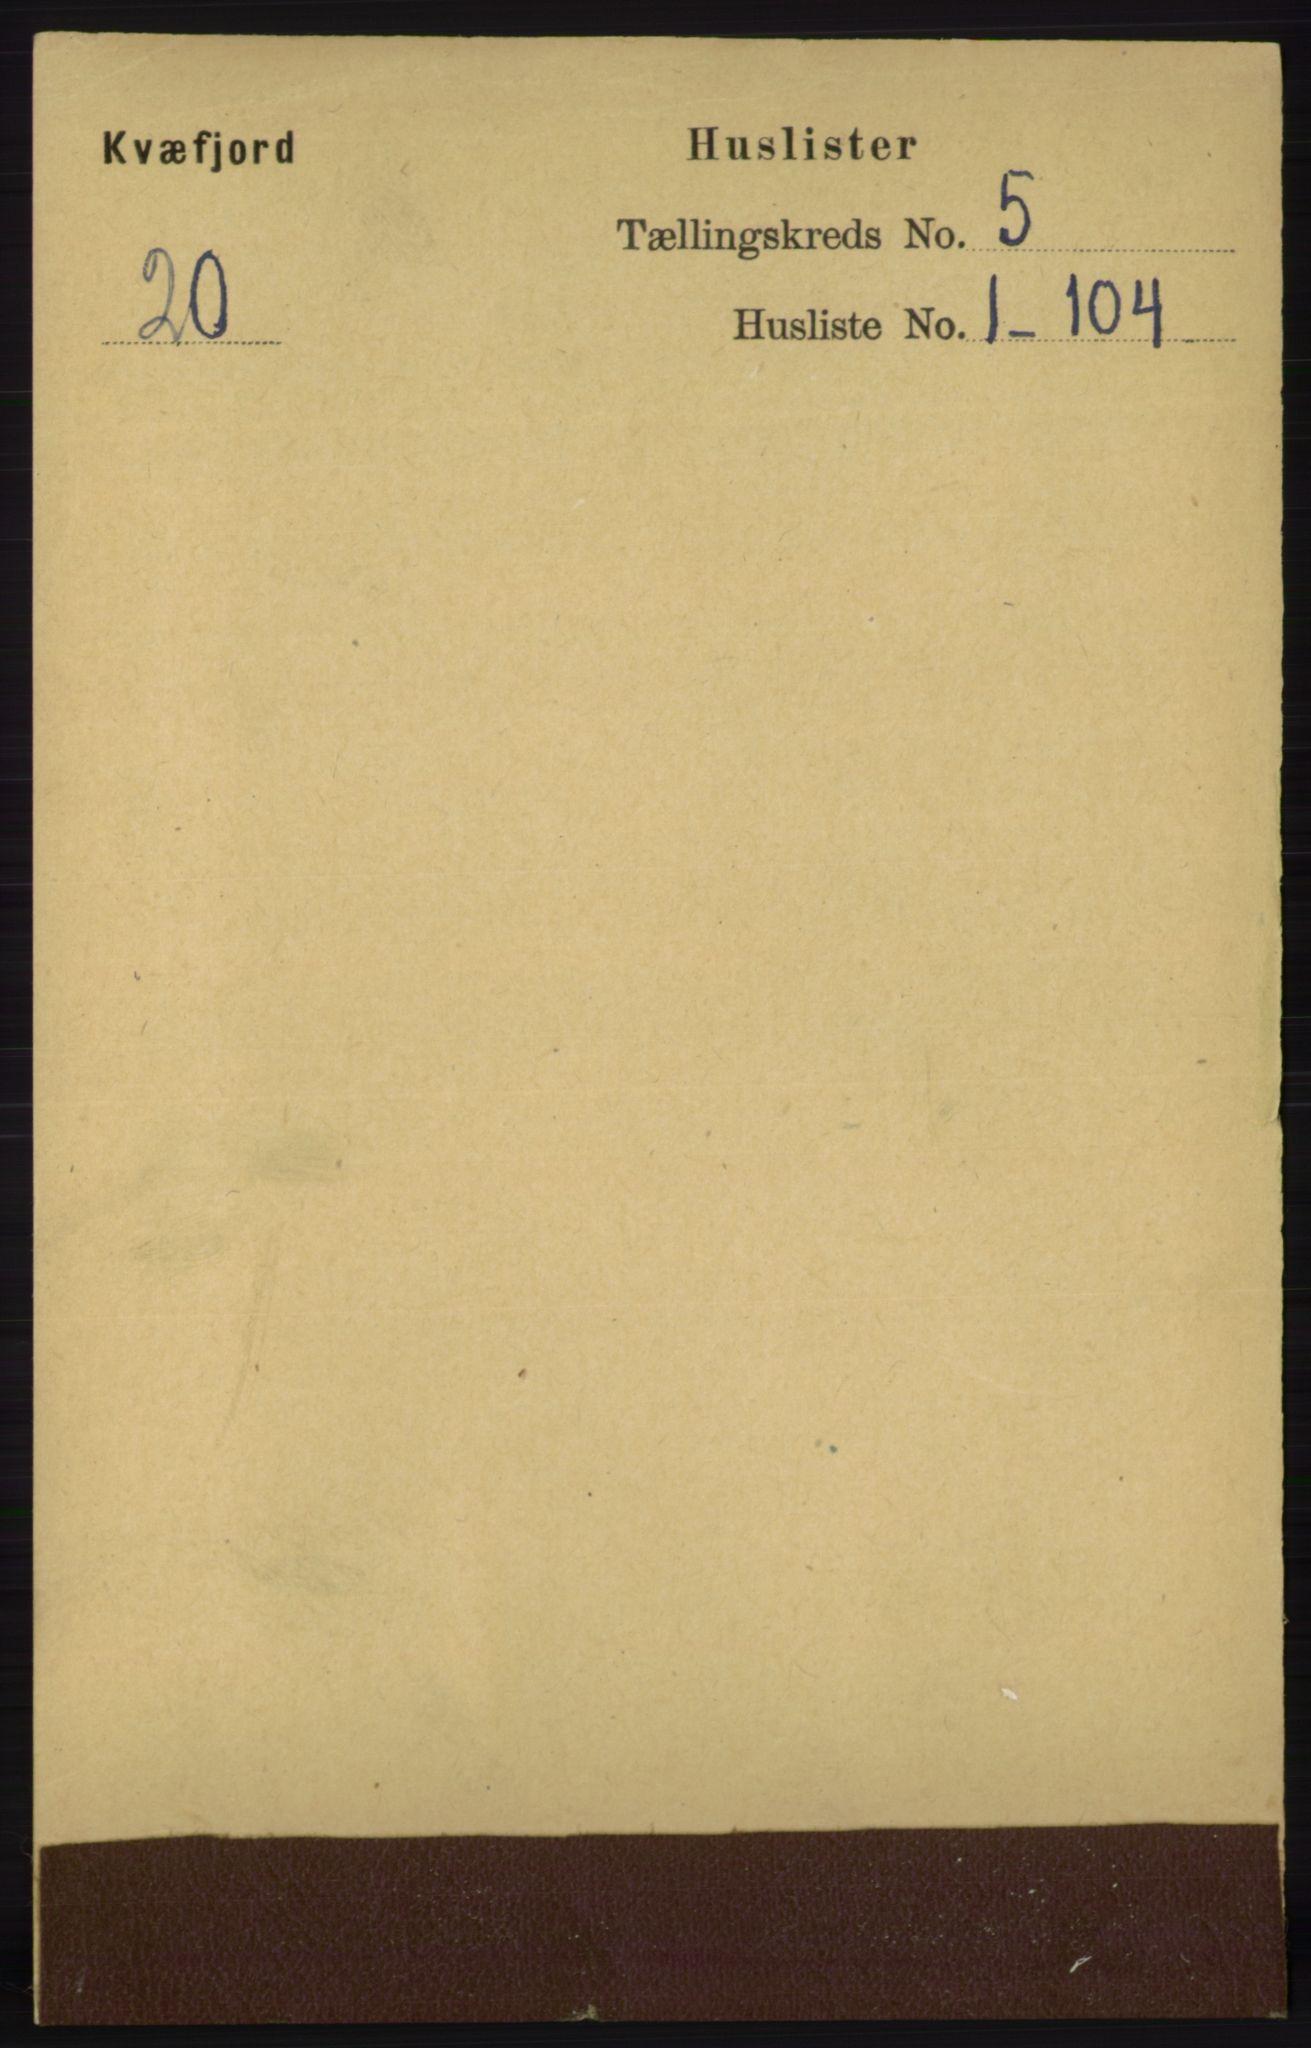 RA, Folketelling 1891 for 1911 Kvæfjord herred, 1891, s. 2764